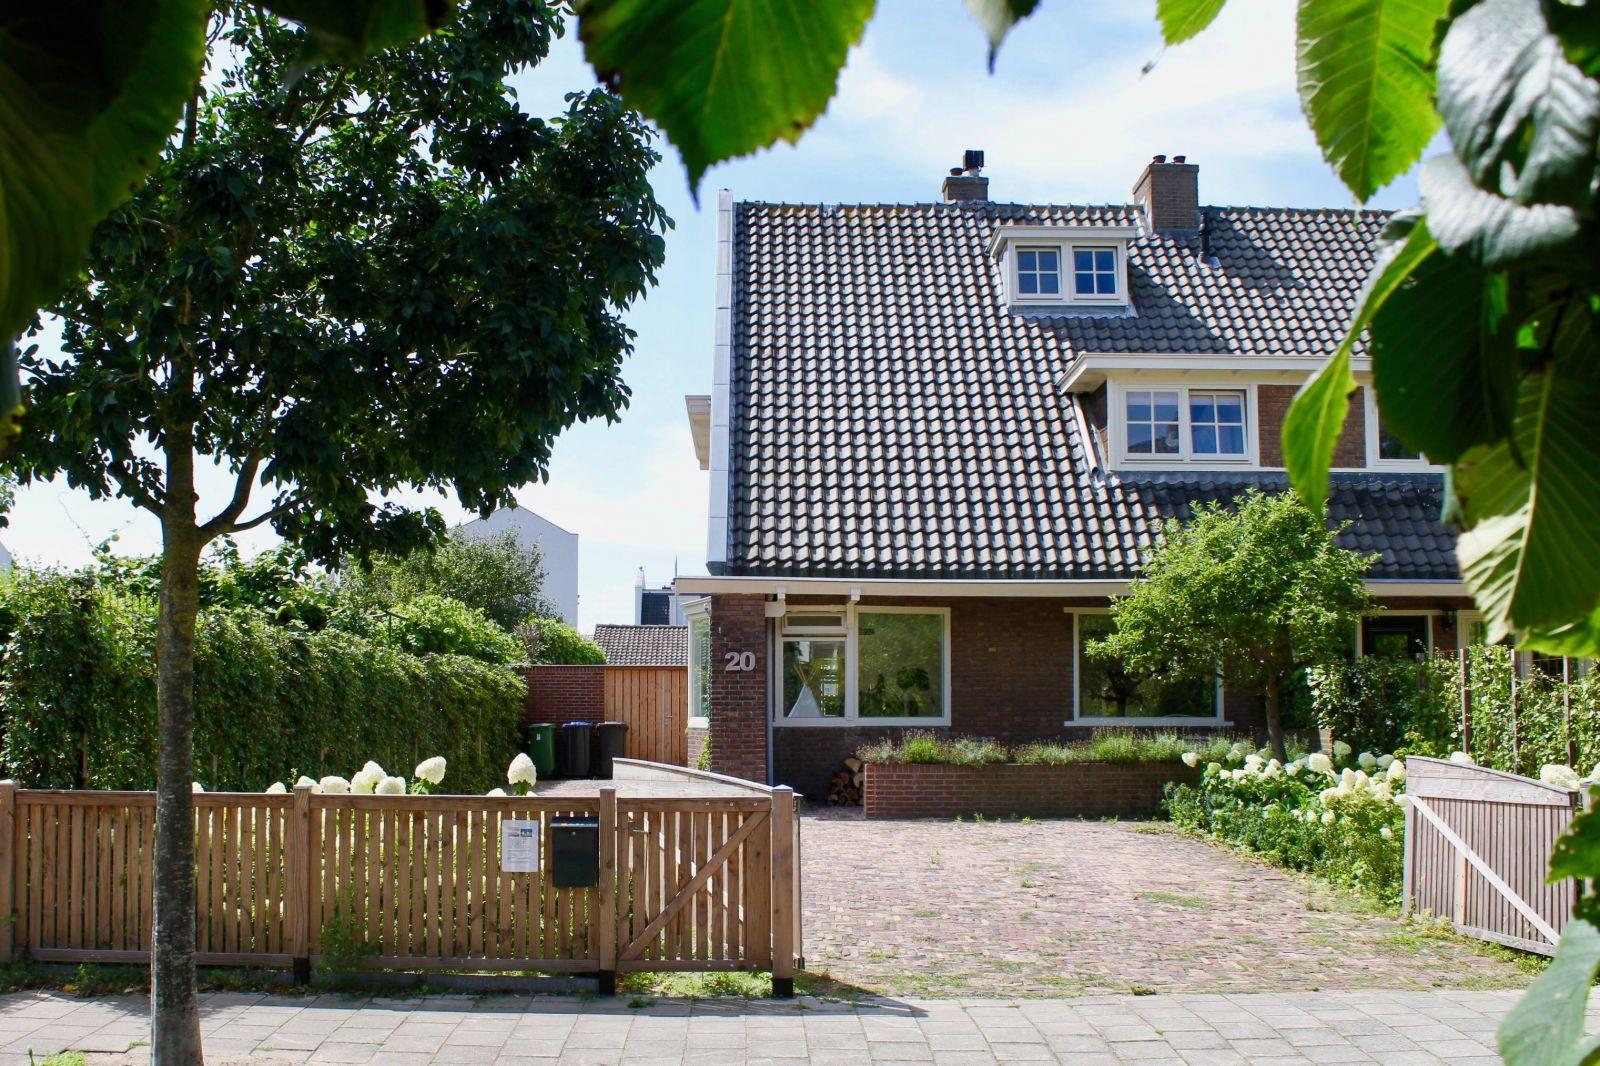 Wilhelminaweg 20, Zandvoort